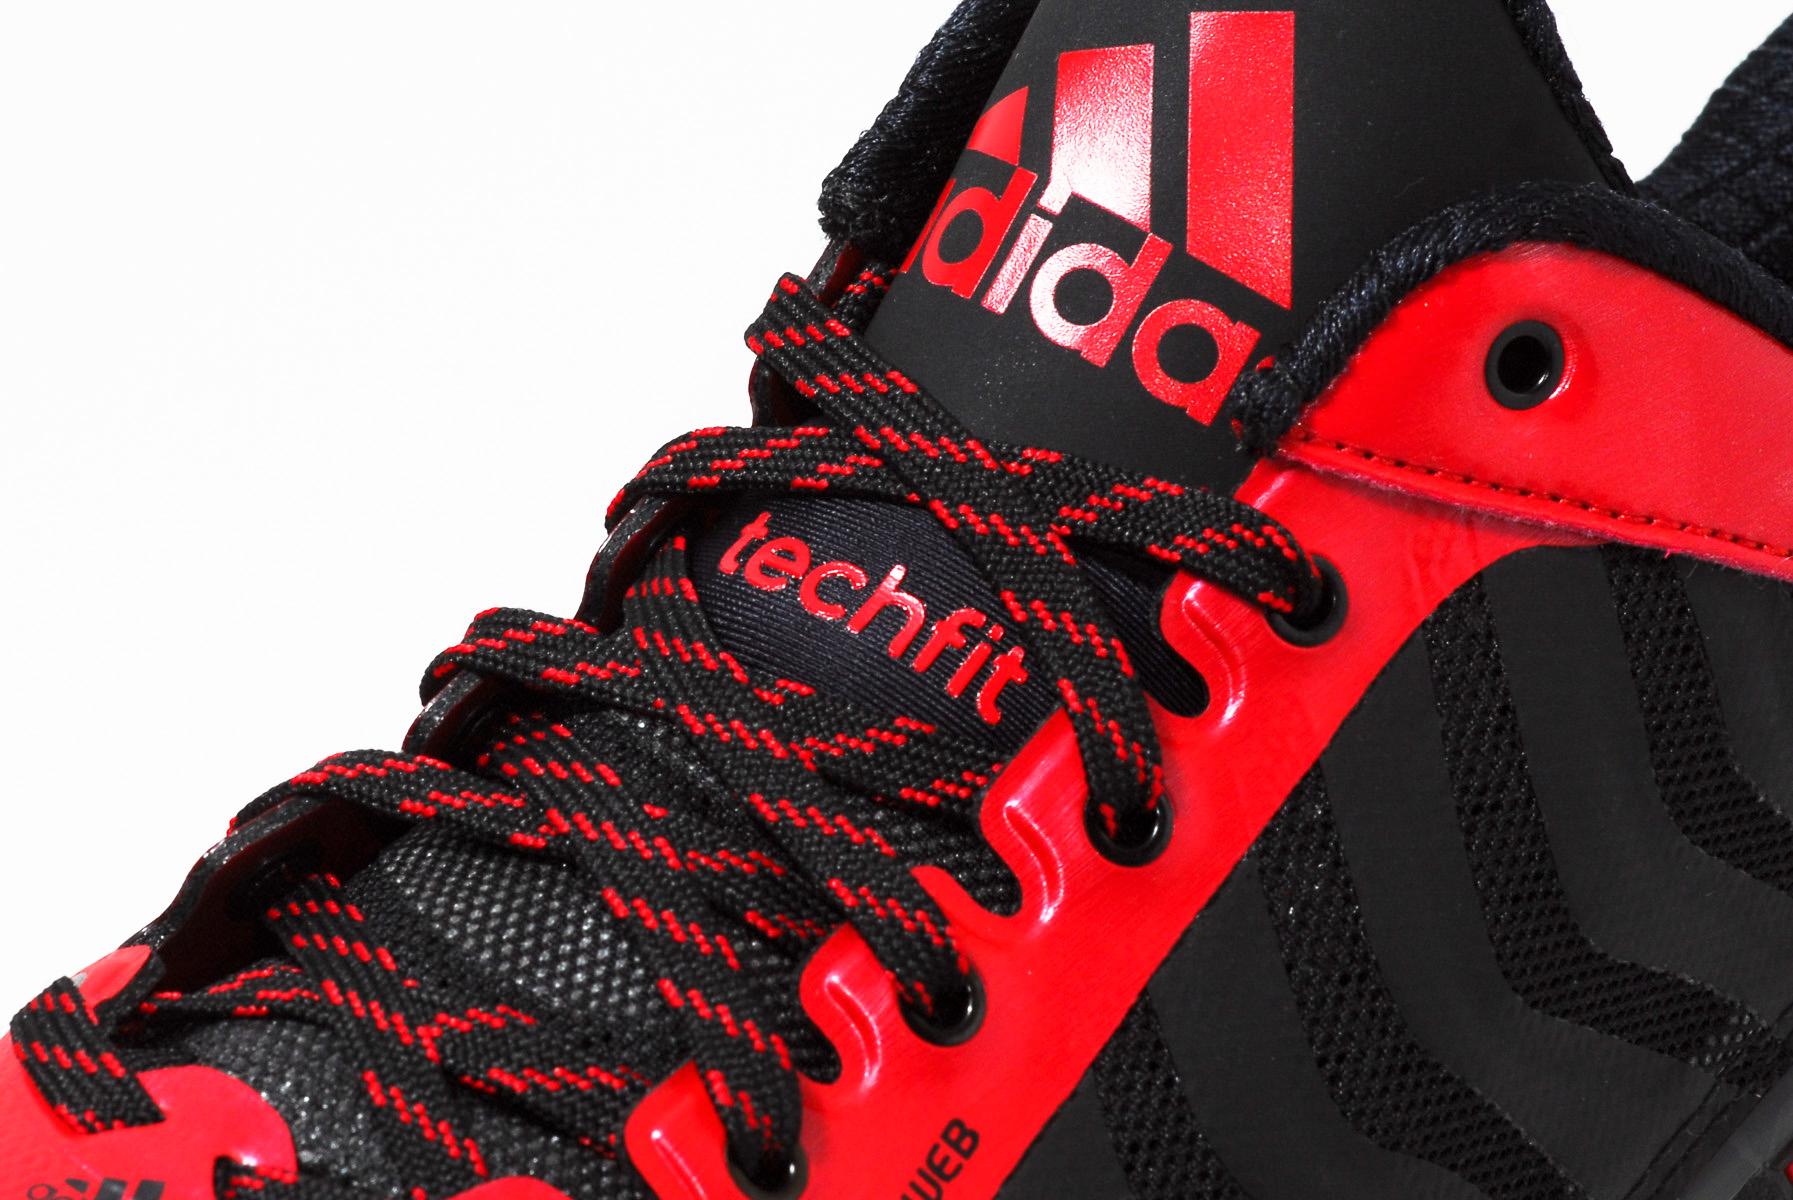 林书豪足下的 QUICK VS. FAST adidas 迅捷与疾速战靴比较